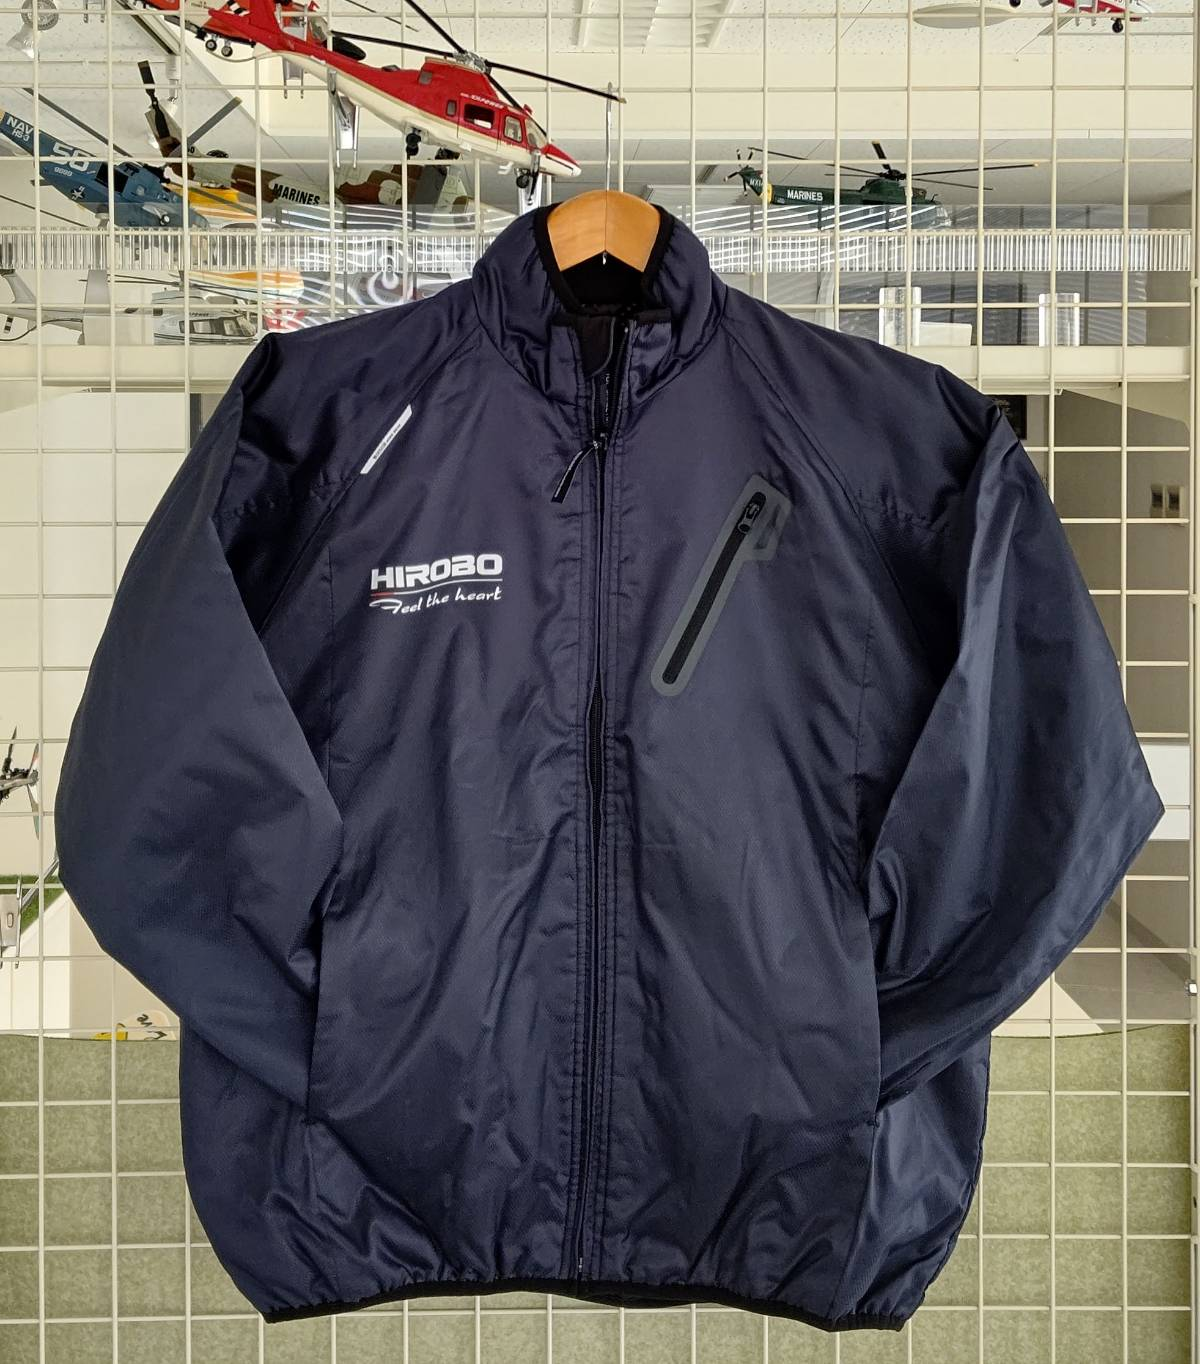 ヒロボー HIROBO チームグッズ 【2515-187】 ライトウォームジャケット ネイビー Mサイズ